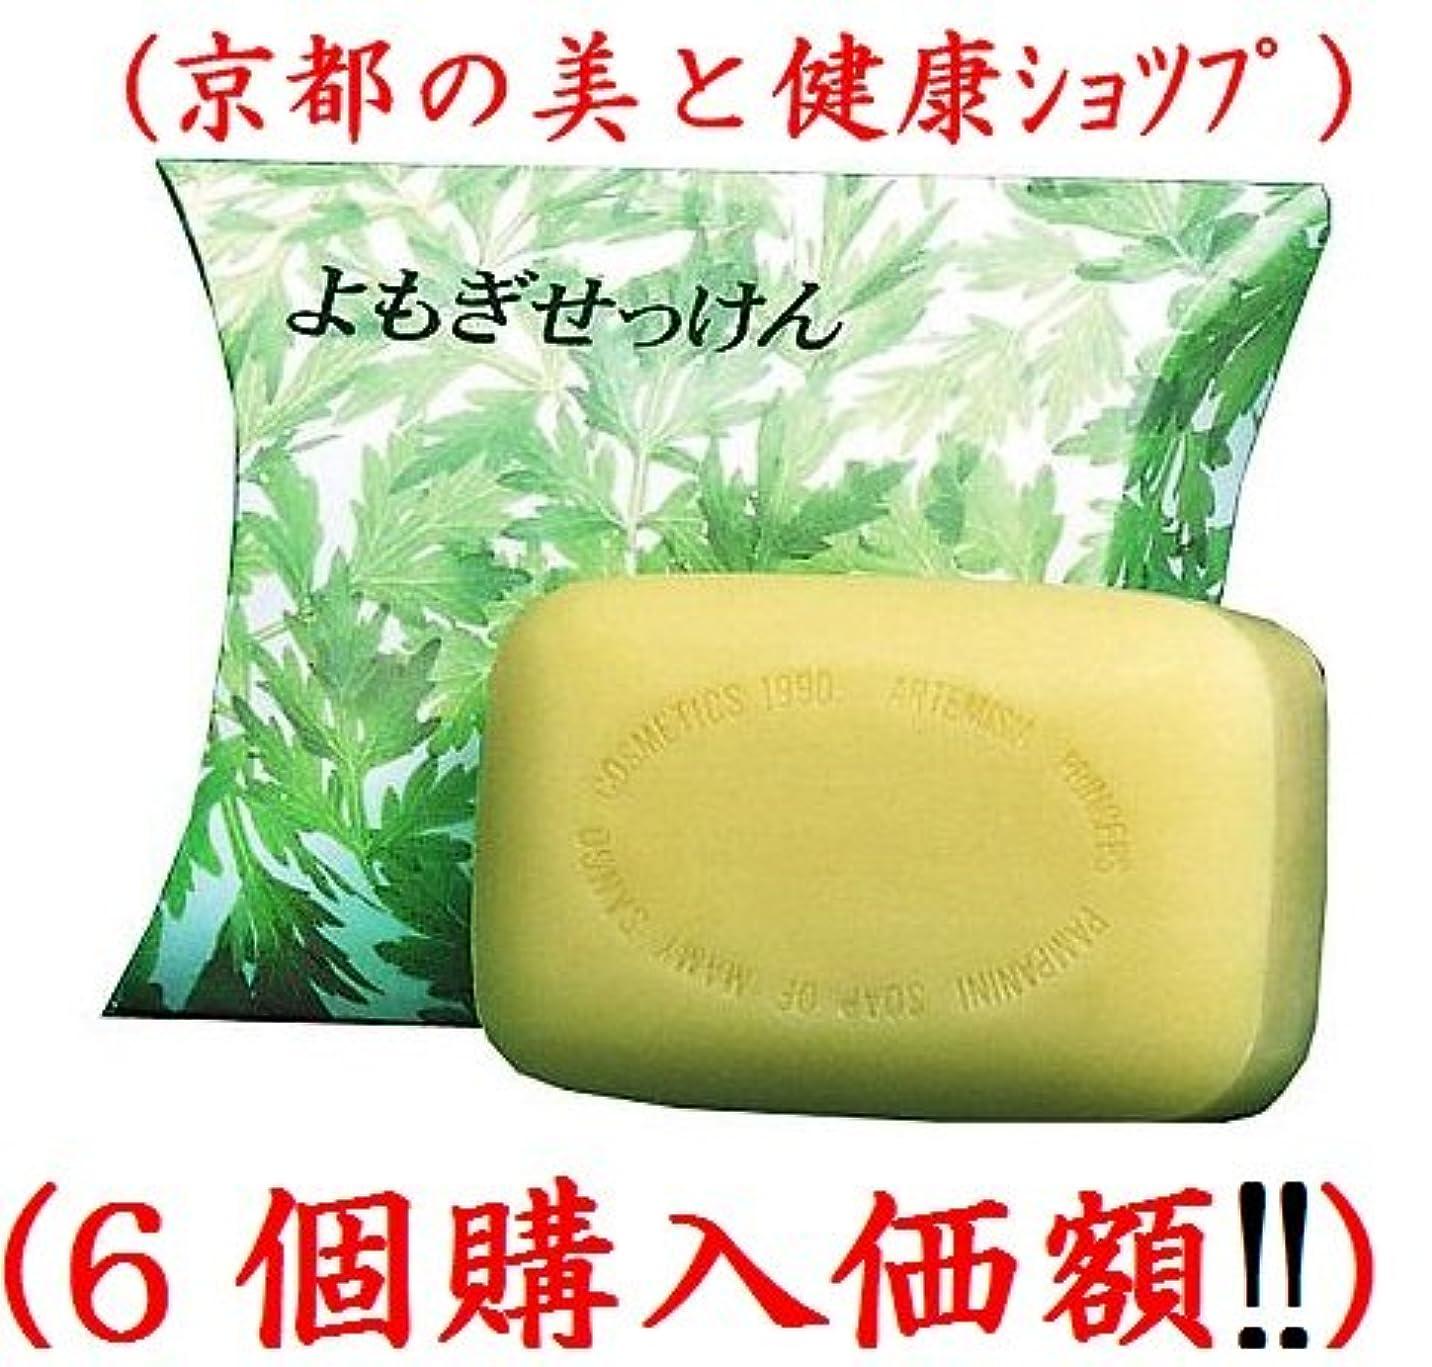 通行料金形状歴史家マミーサンゴソープAよもぎ石鹸95g(6個購入価額)